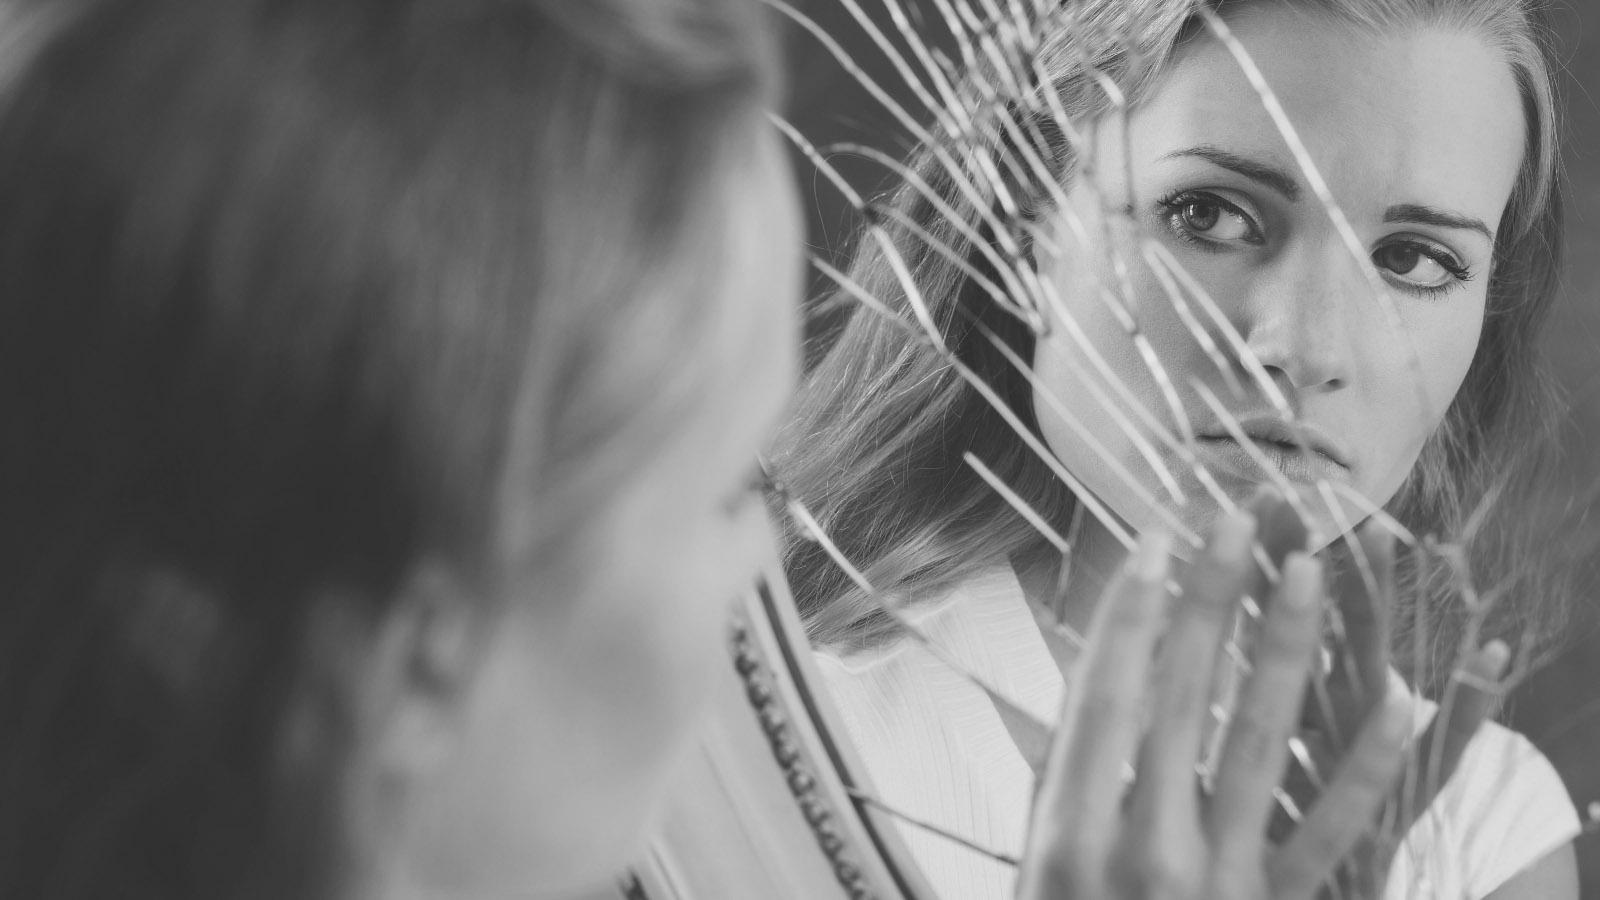 Nach einer Gewaltbeziehung fühlen Betroffene sich oft seelisch und spirituell förmlich entstellt